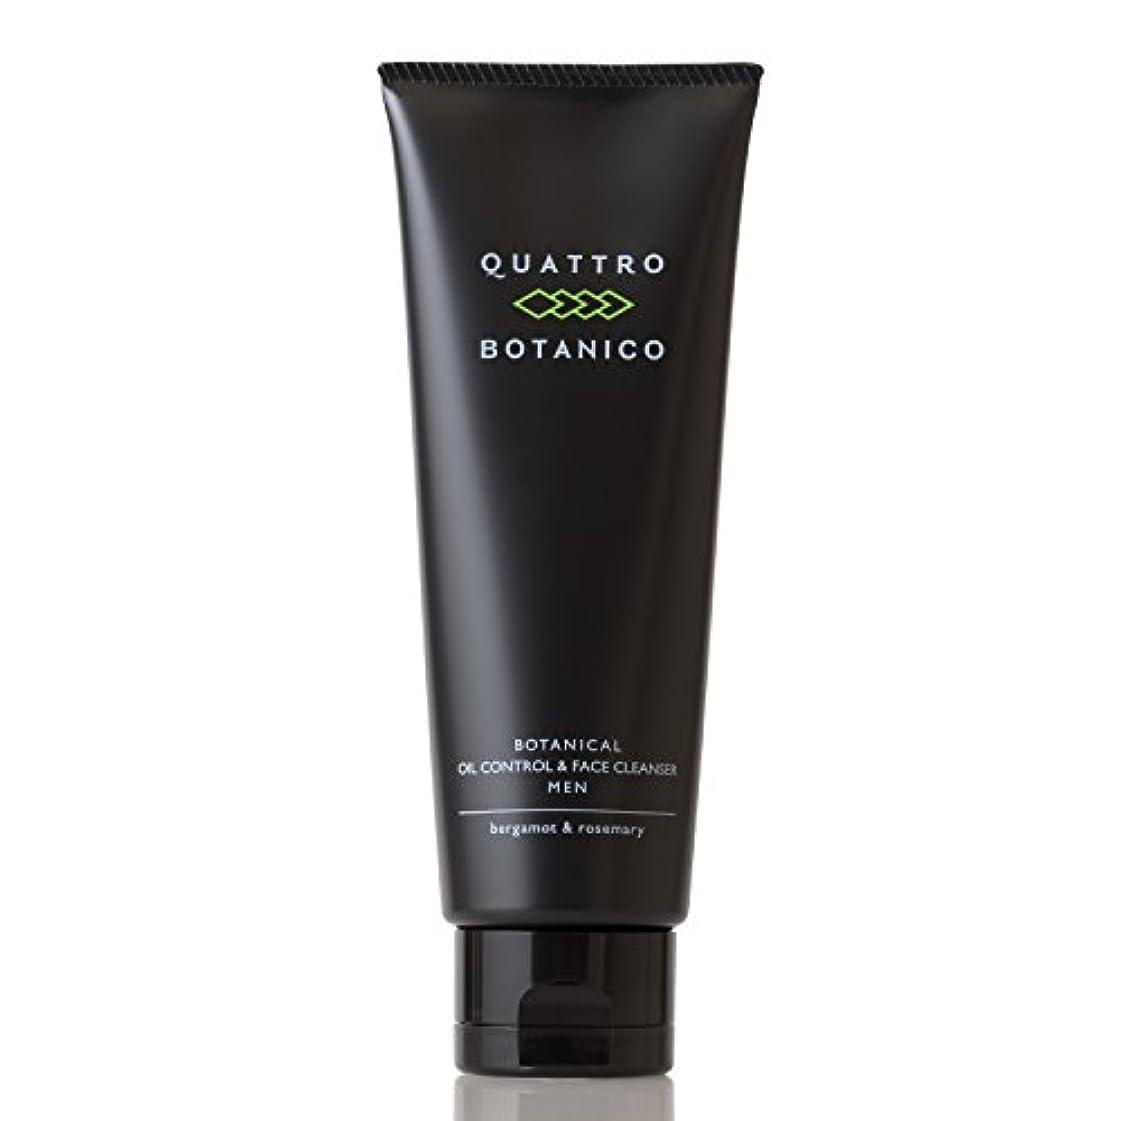 打倒シールド囲まれたクワトロボタニコ (QUATTRO BOTANICO) 【 メンズ 洗顔 】 ボタニカル オイルコントロール & フェイスクレンザー (男性 スキンケア) 男性用 洗顔クリーム 男 皮脂 テカリ